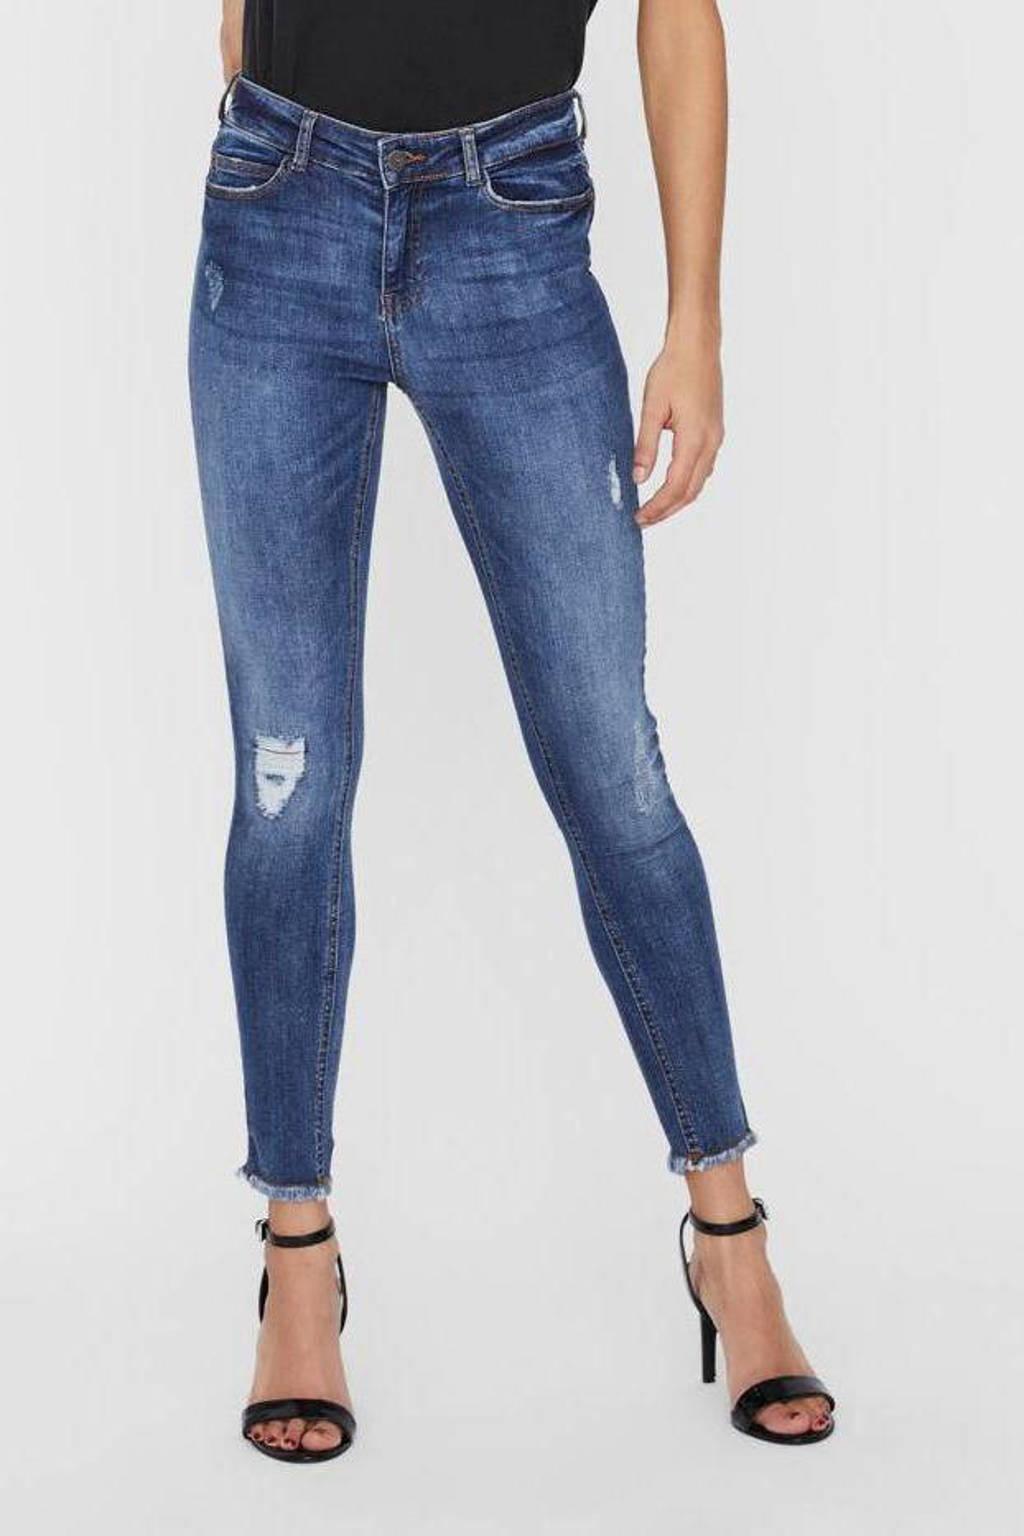 NOISY MAY skinny jeans NMLUCY light blue denim, Blauw